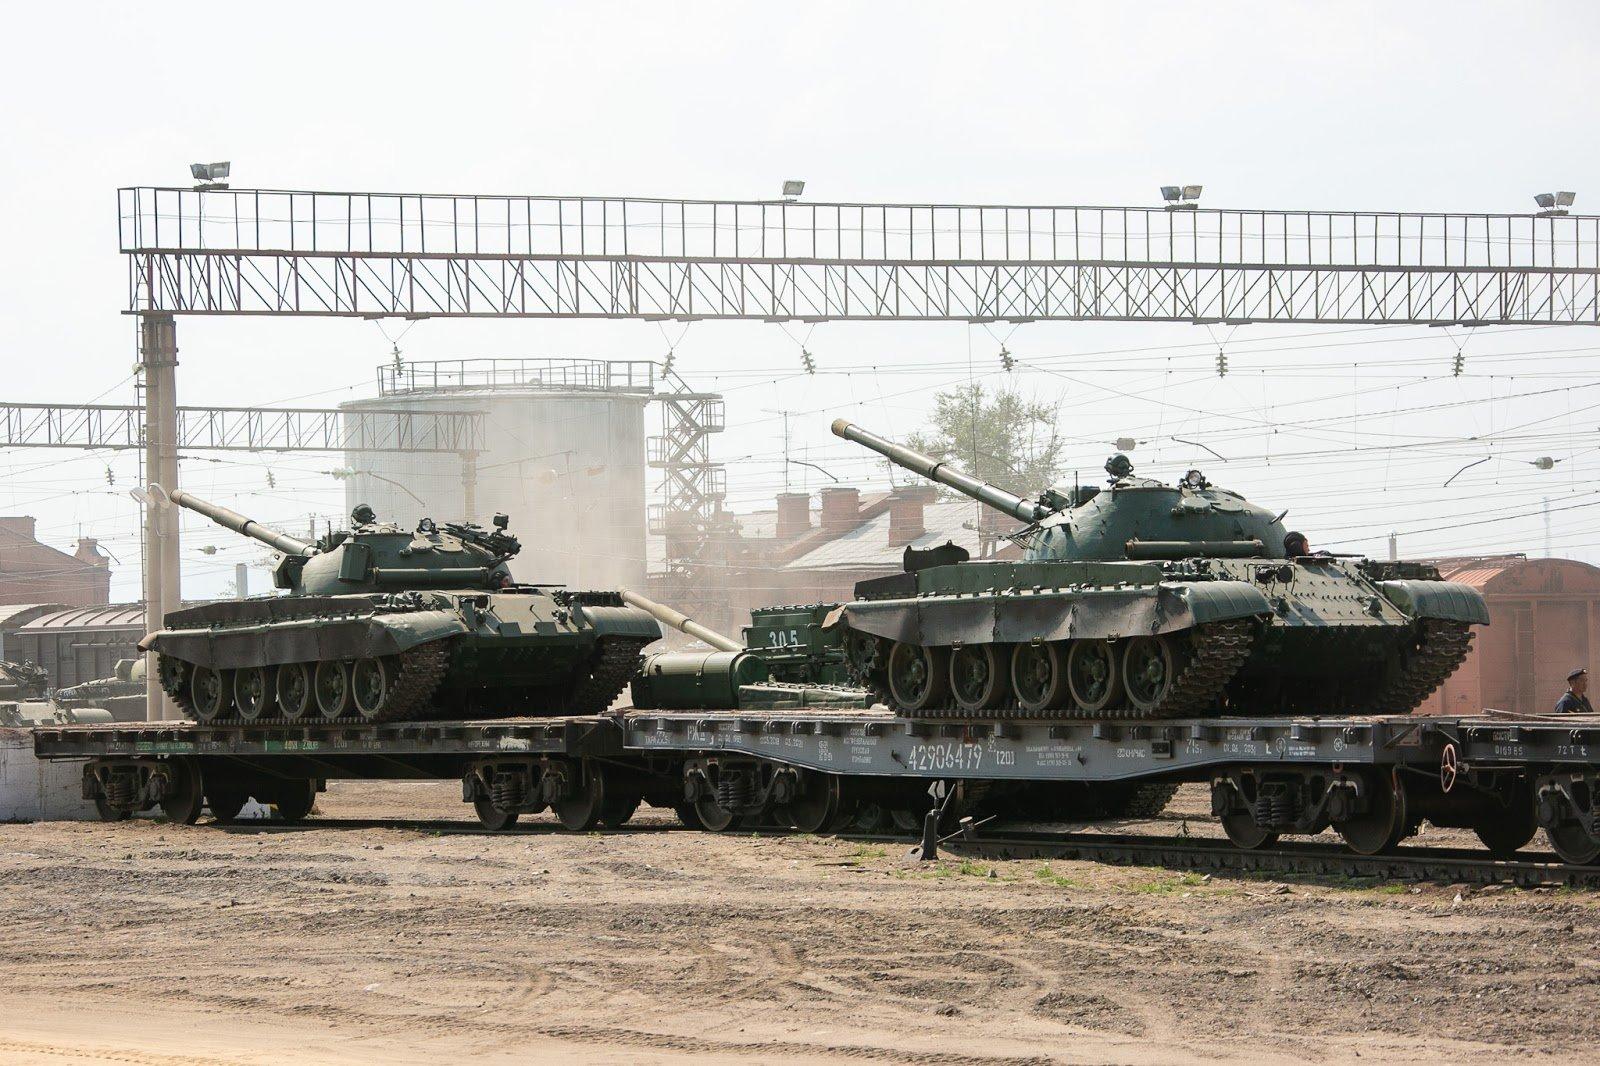 Как российские танки везут из Бурятии боевикам на Донбасс : Политика Newsland – комментарии, дискуссии и обсуждения новости.